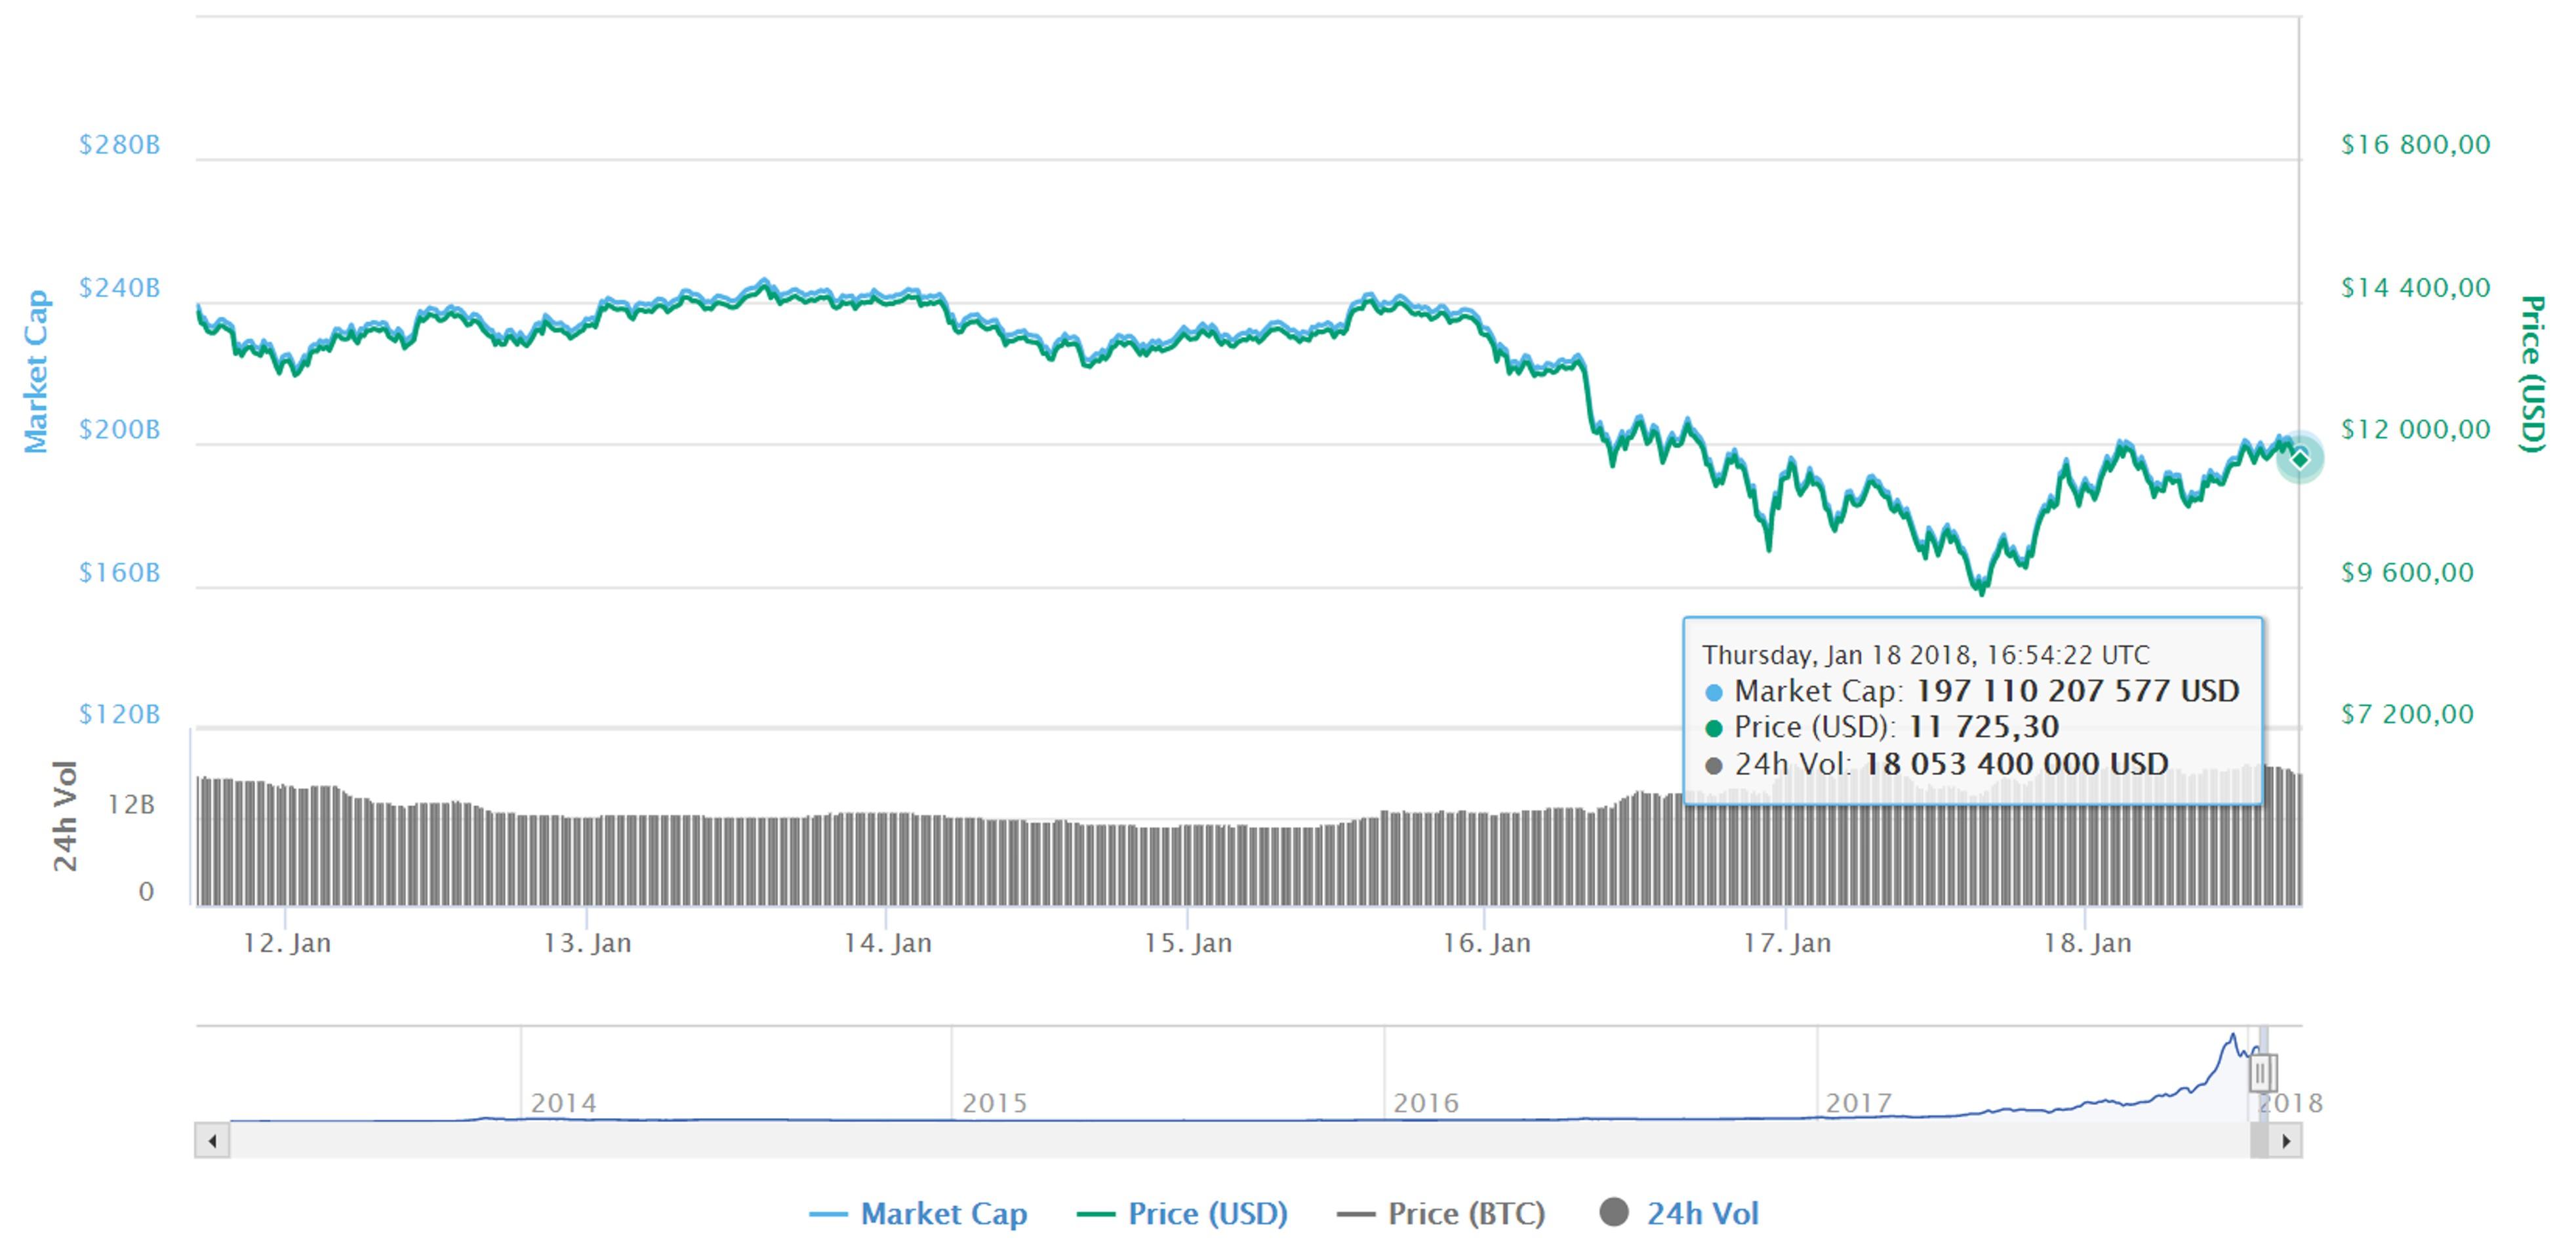 Курсы криптовалют восстанавливаются после обвала